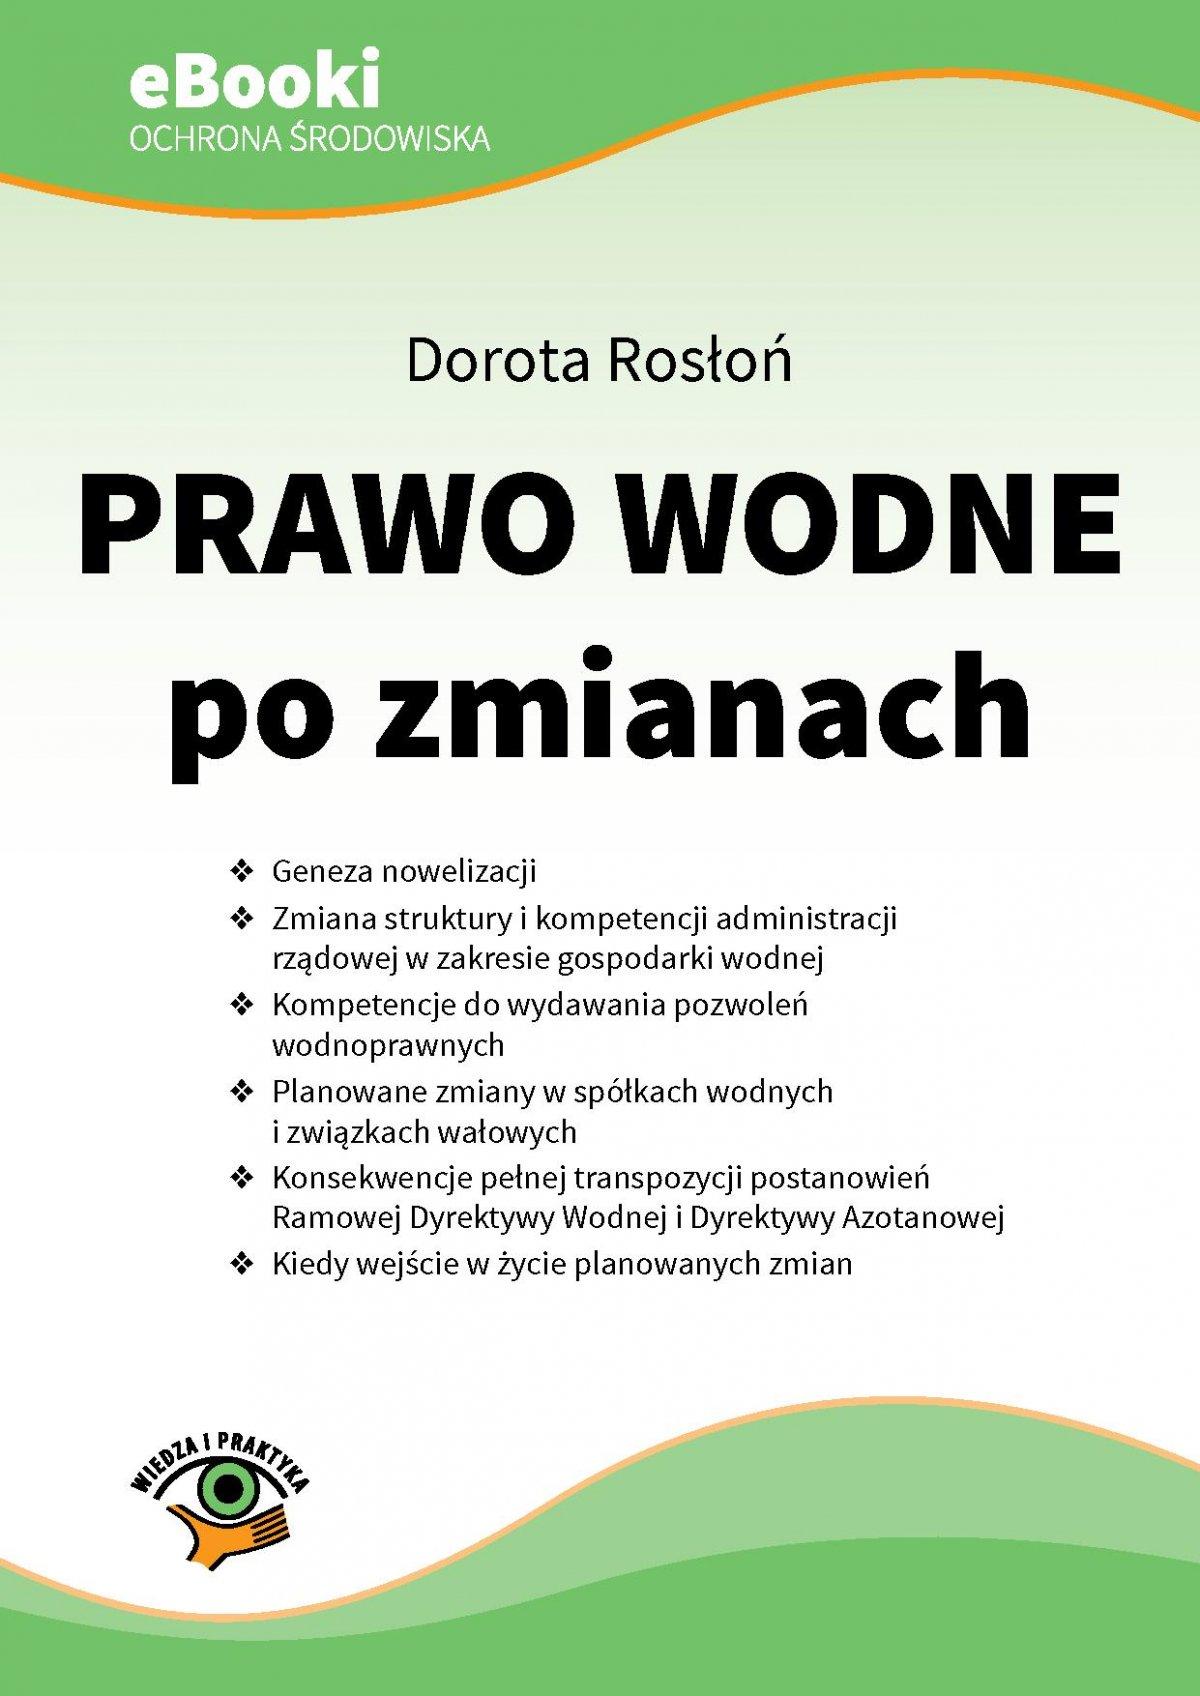 Prawo wodne po zmianach - Ebook (Książka PDF) do pobrania w formacie PDF